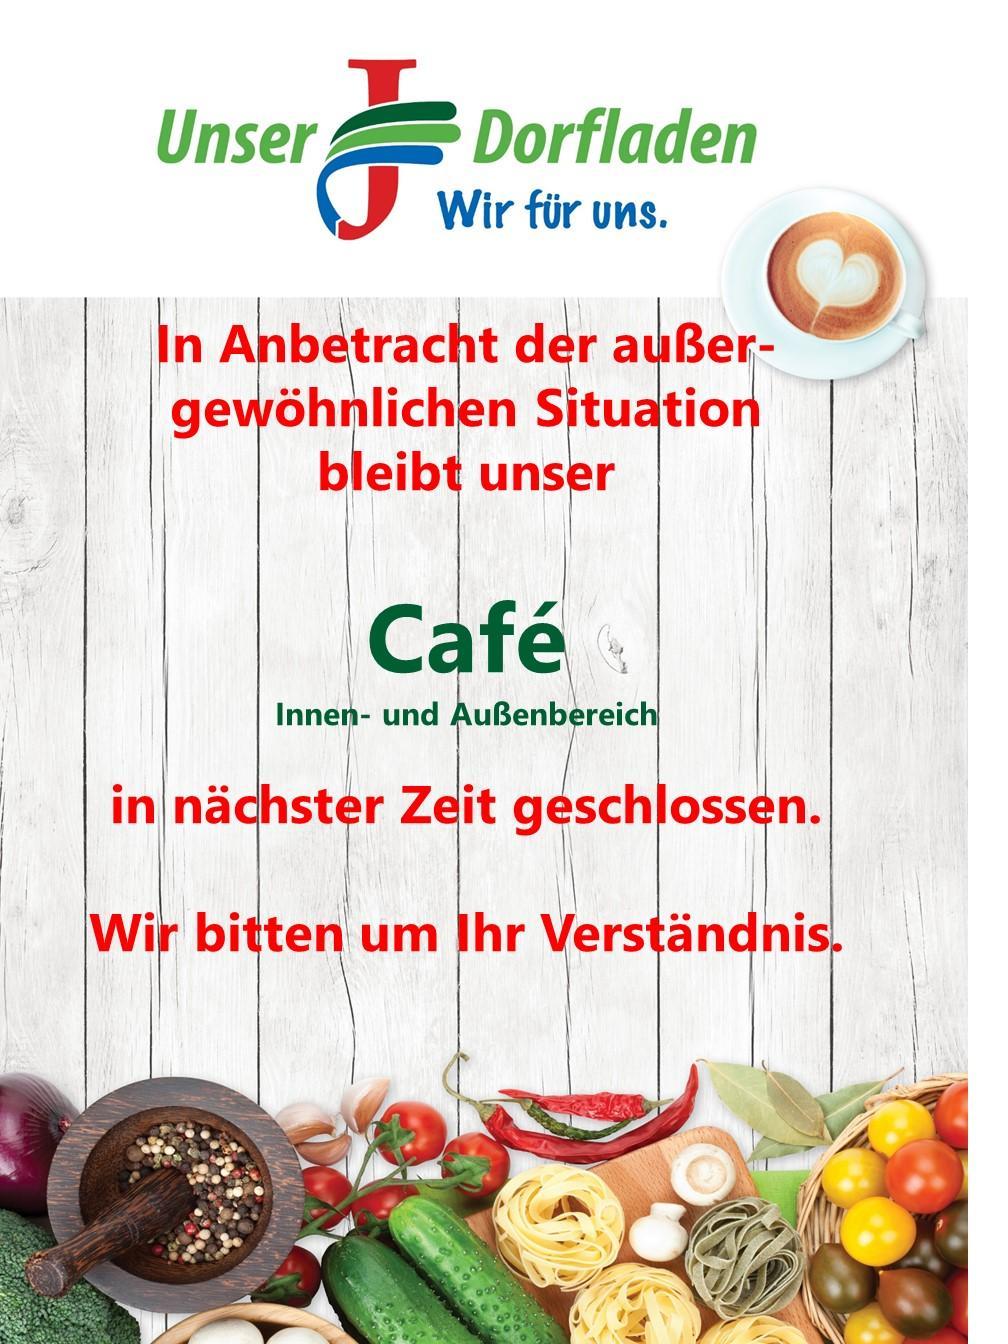 Cafe geschlossen